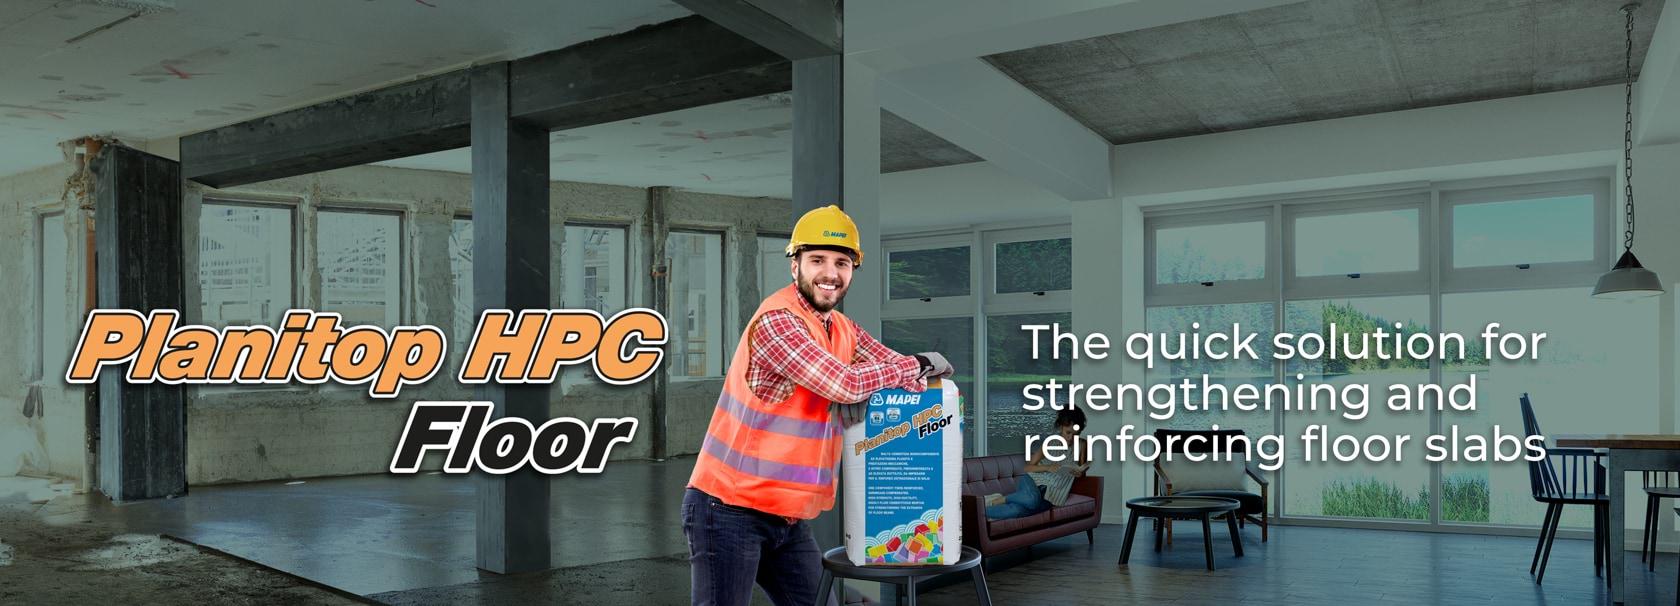 Plantop HPC Floor header